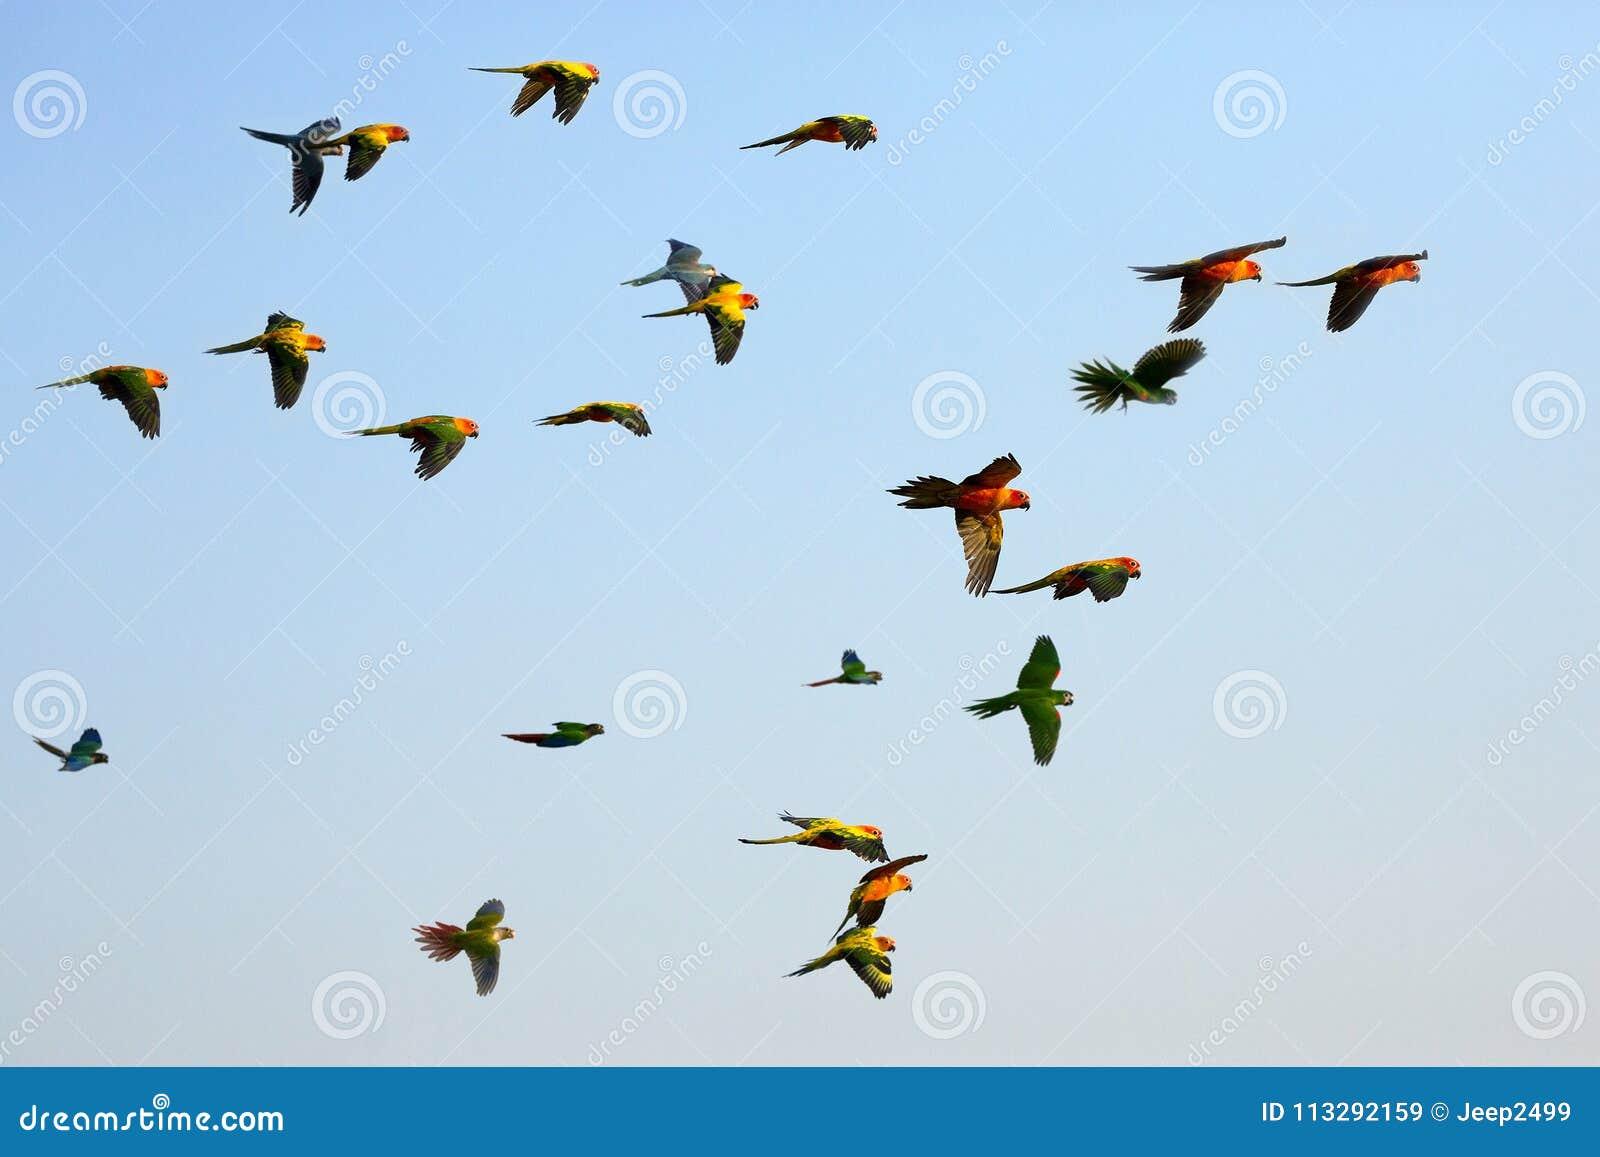 Papageien, die in den Himmel fliegen